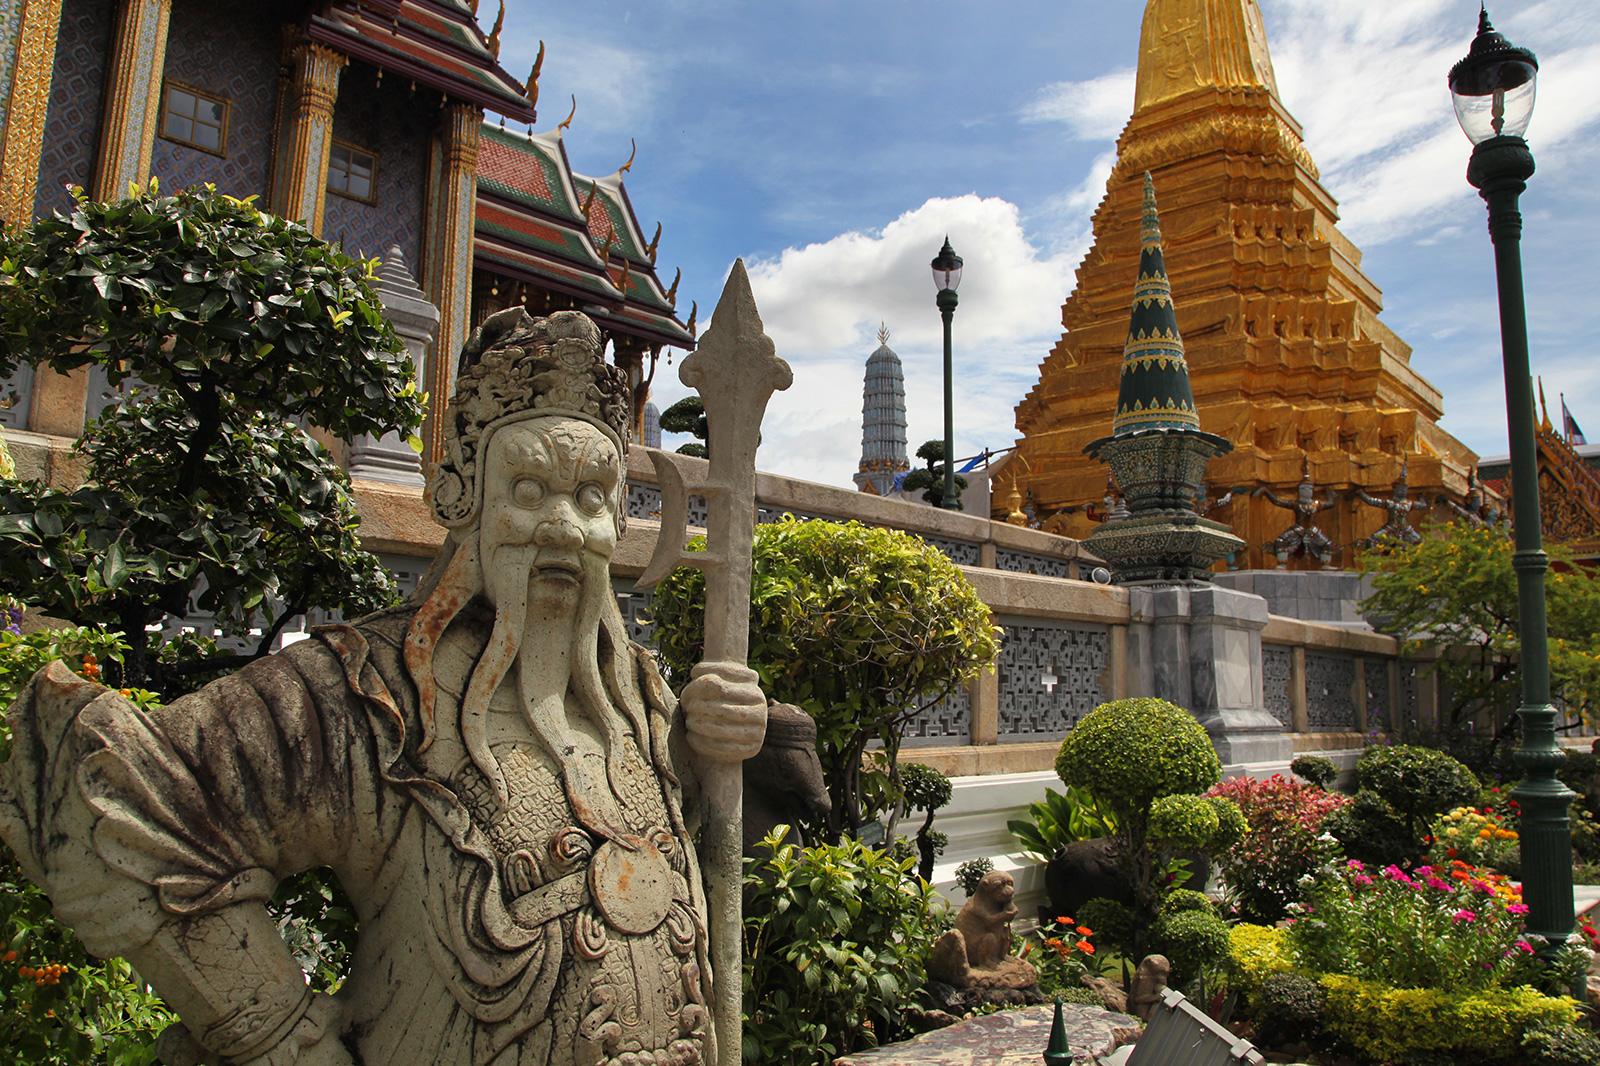 tempels-bangkok-thailand-7